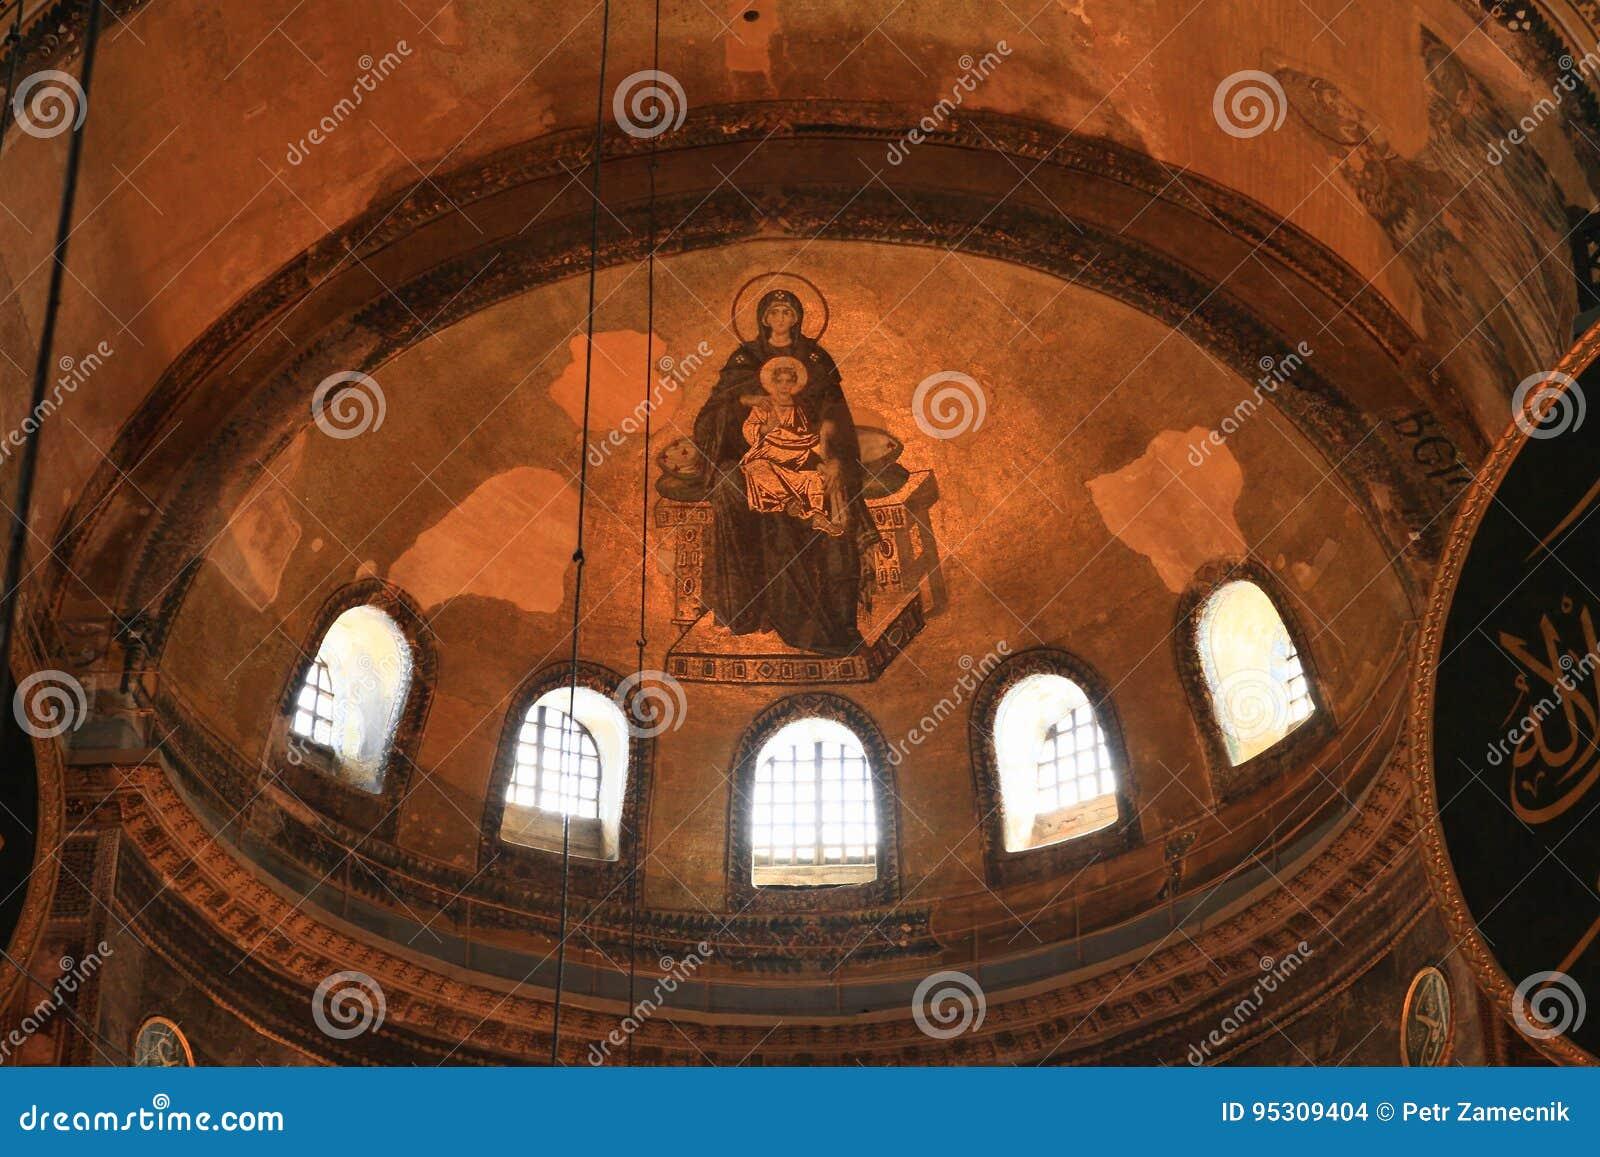 Ceiling of Hagia Sofia in Istanbul